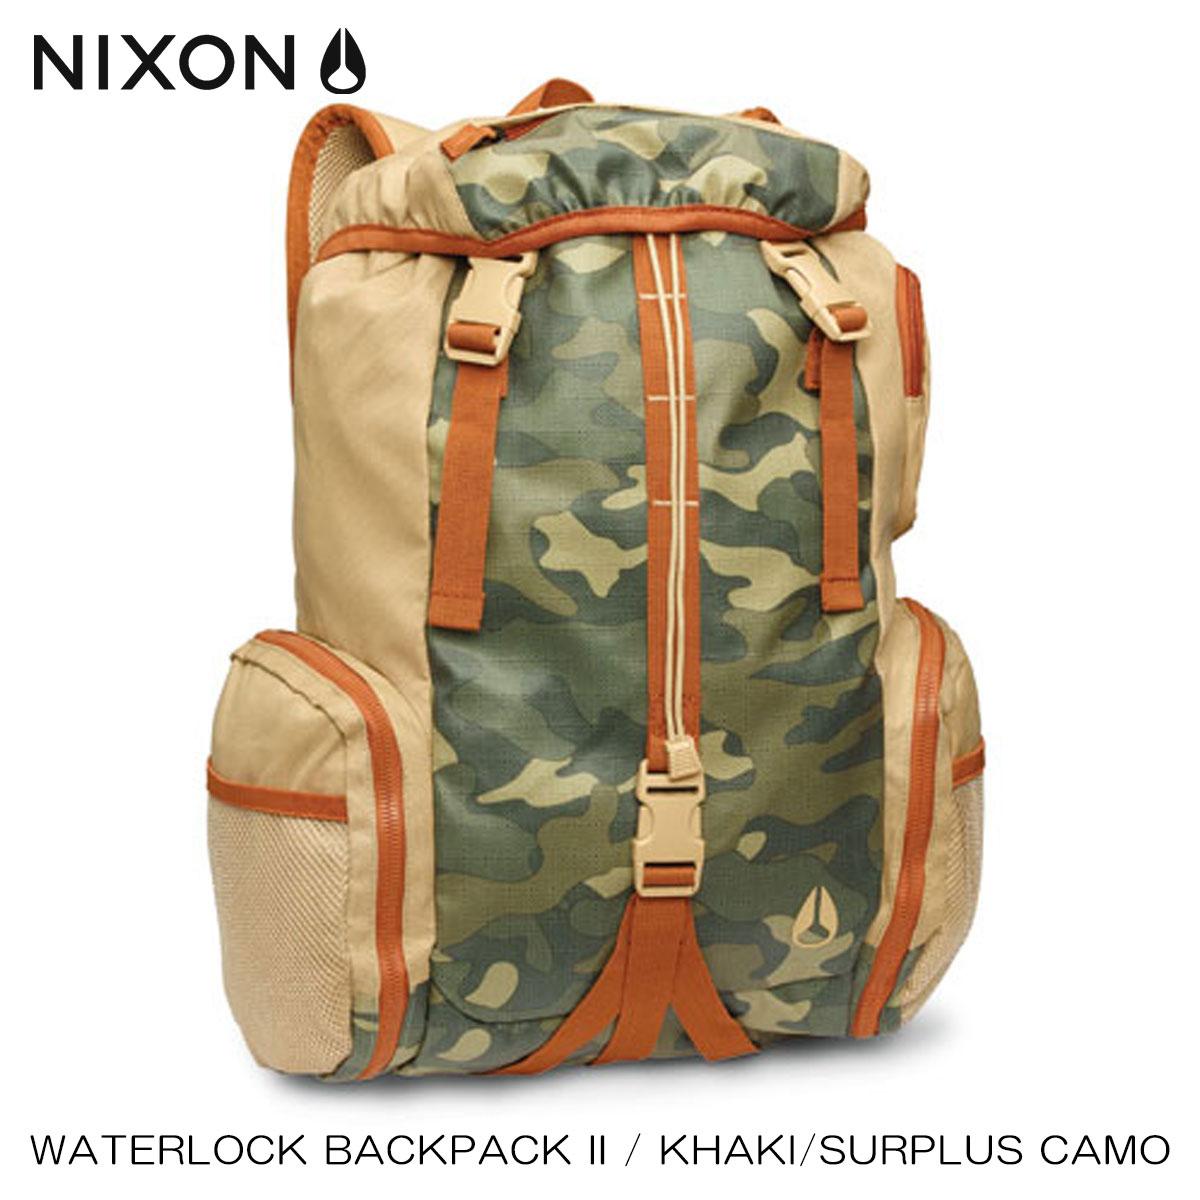 ニクソン NIXON 正規販売店 バッグ Waterlock Backpack II KHAKI NC19521714-00 D15S25